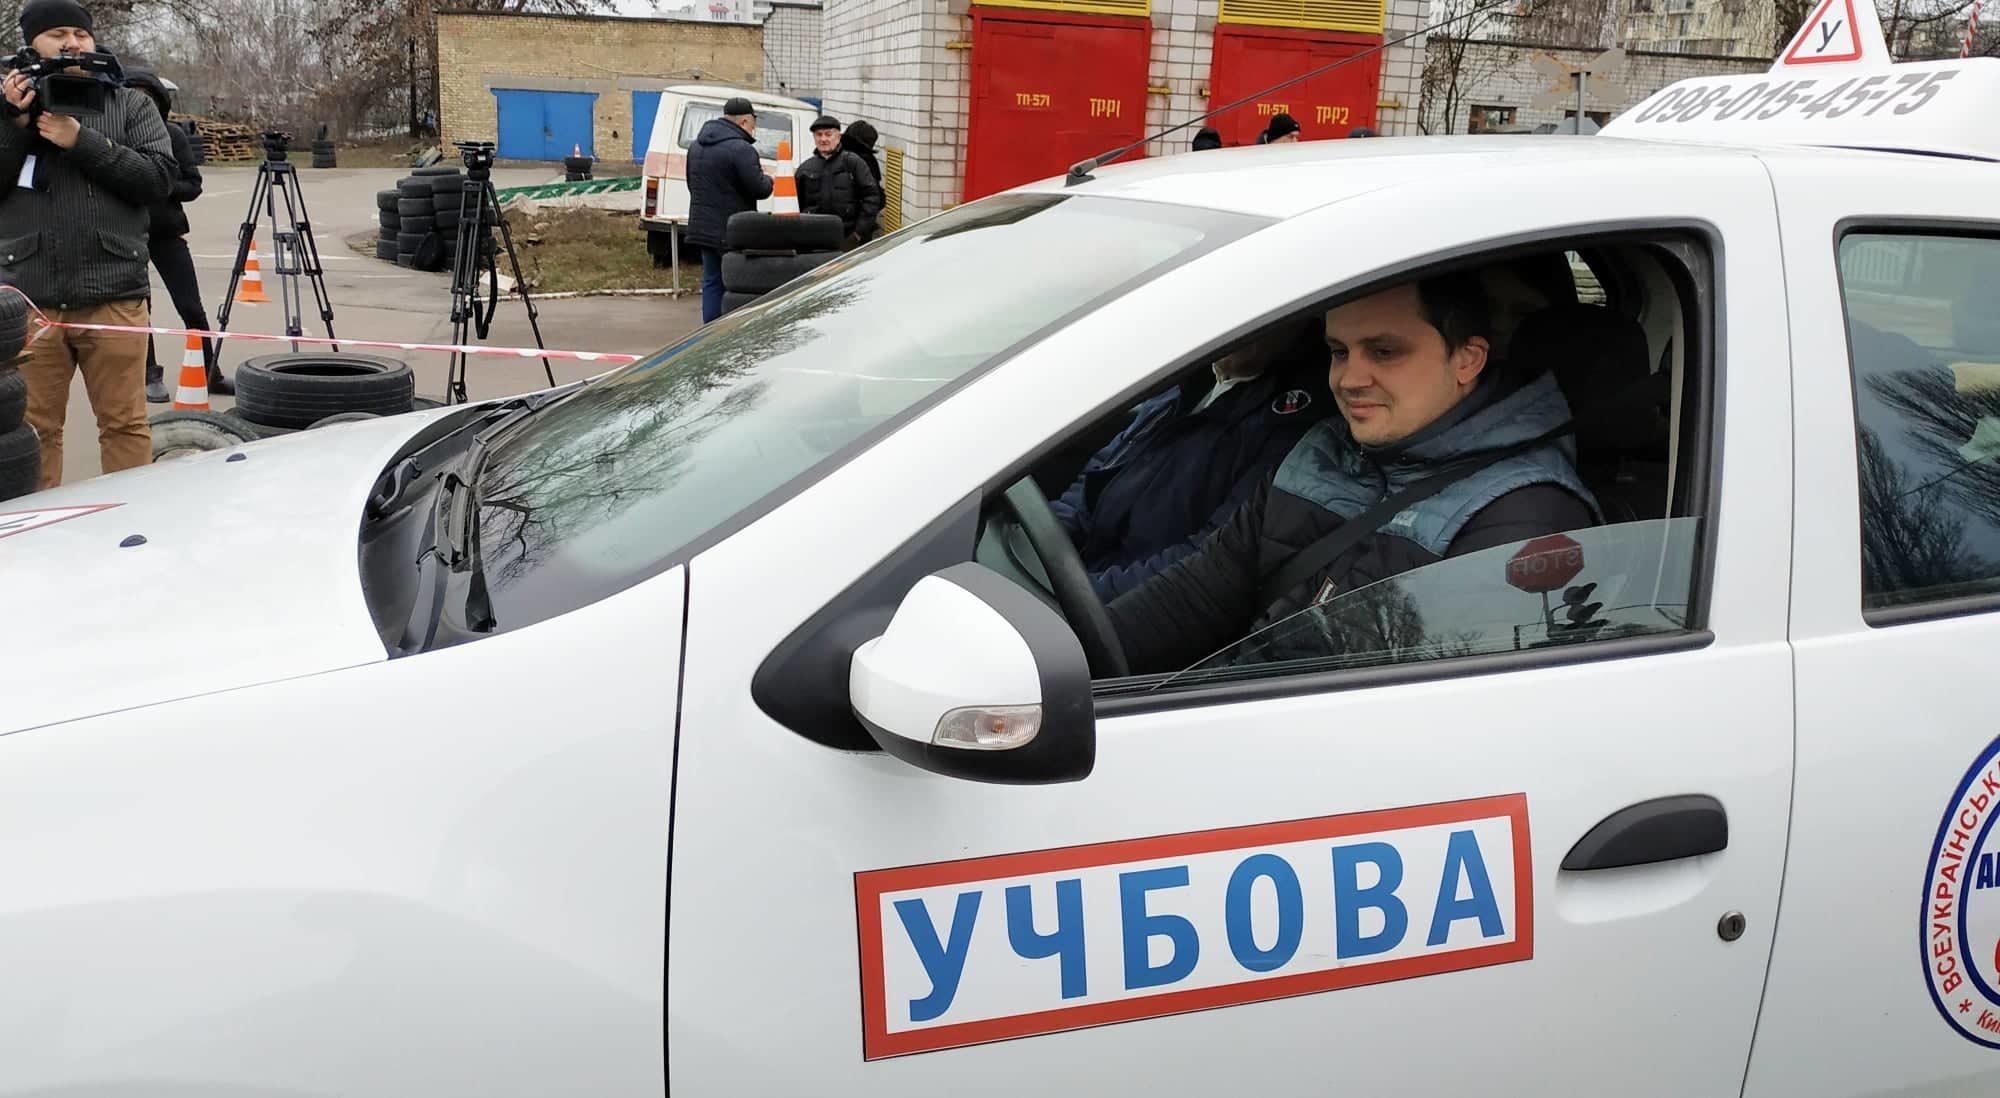 Водії складають екзамени «на камеру» - київщина, Вишгород - 0116 Videofiks osn 2000x1098